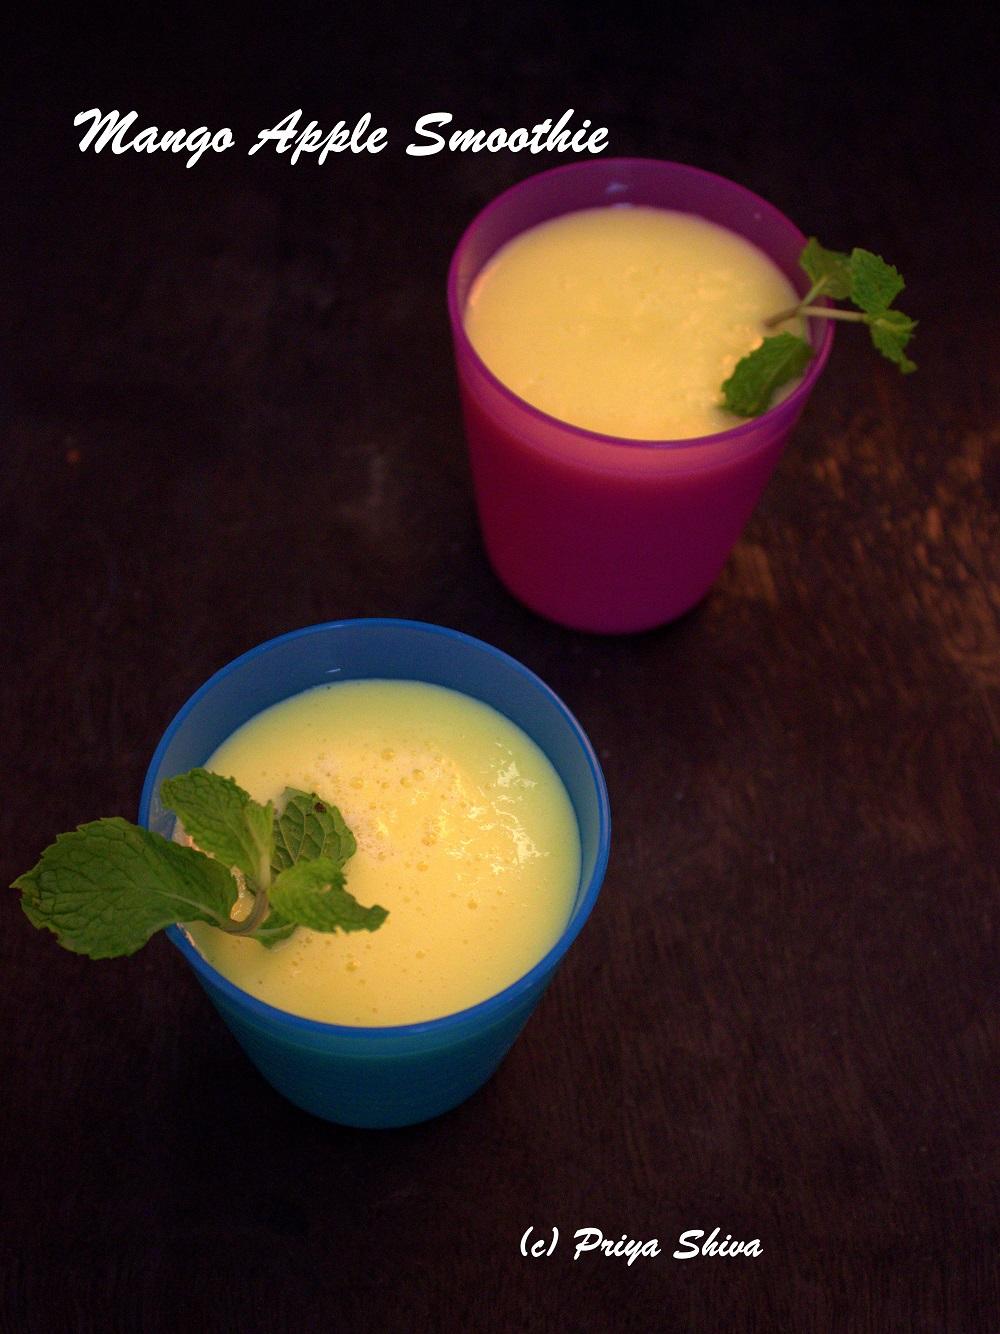 mango apple milkshake